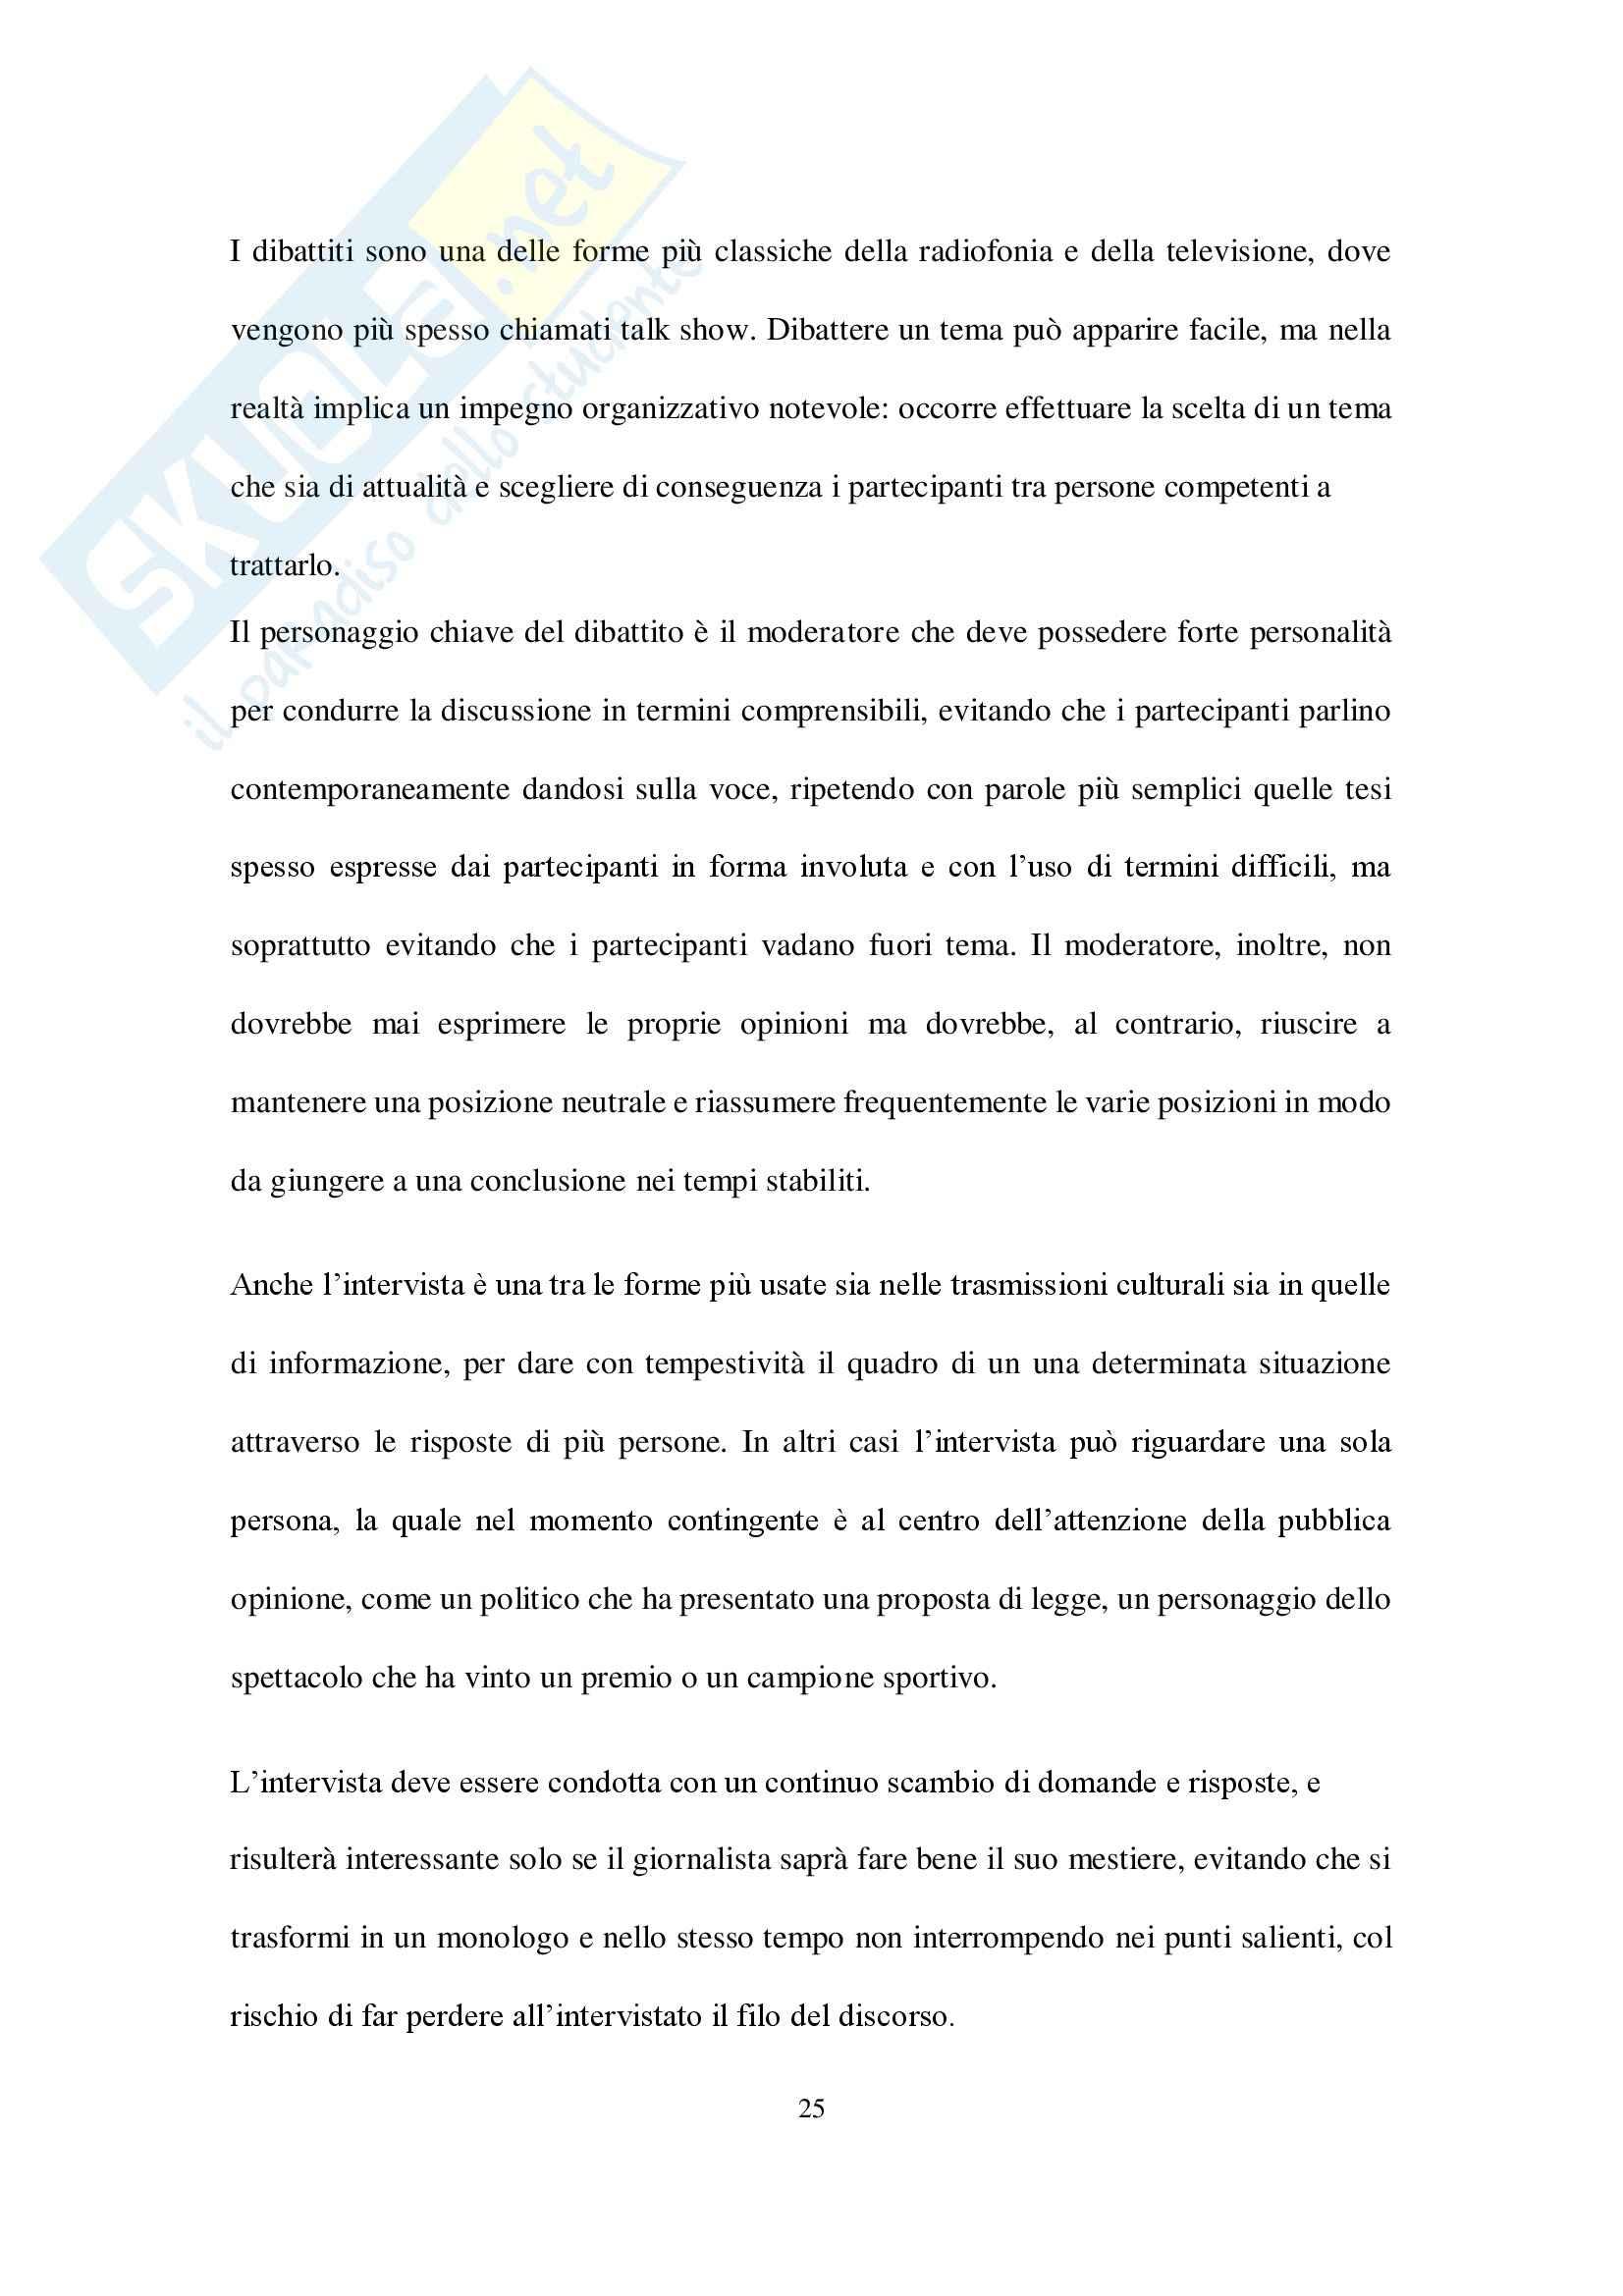 Comunicazione Radiofonica, Economia e marketing Pag. 26